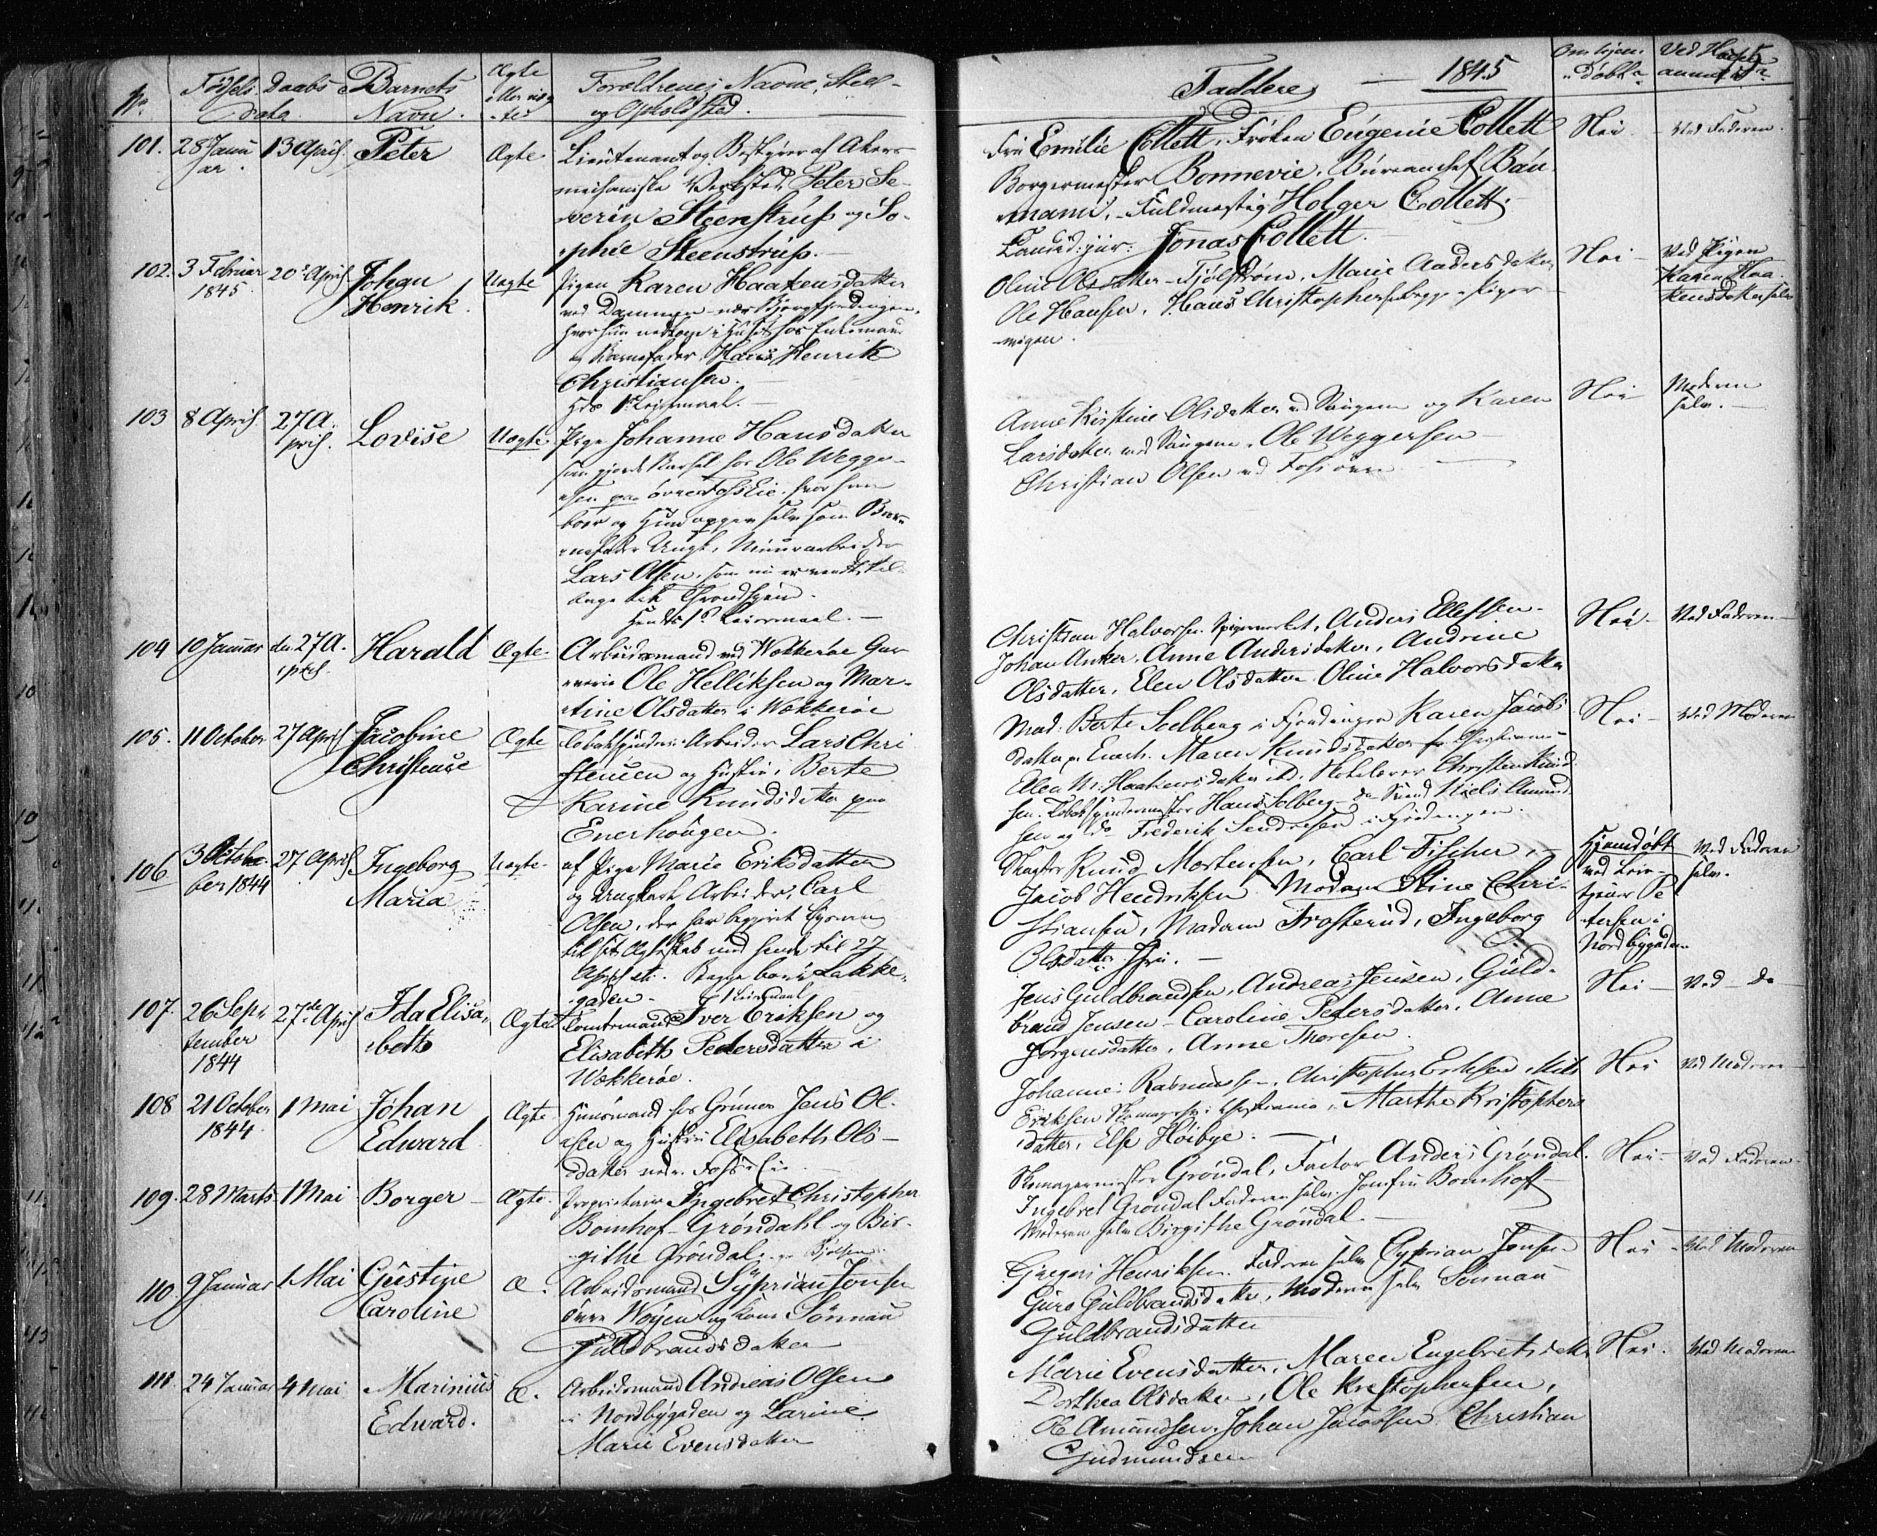 SAO, Aker prestekontor kirkebøker, F/L0019: Ministerialbok nr. 19, 1842-1852, s. 75